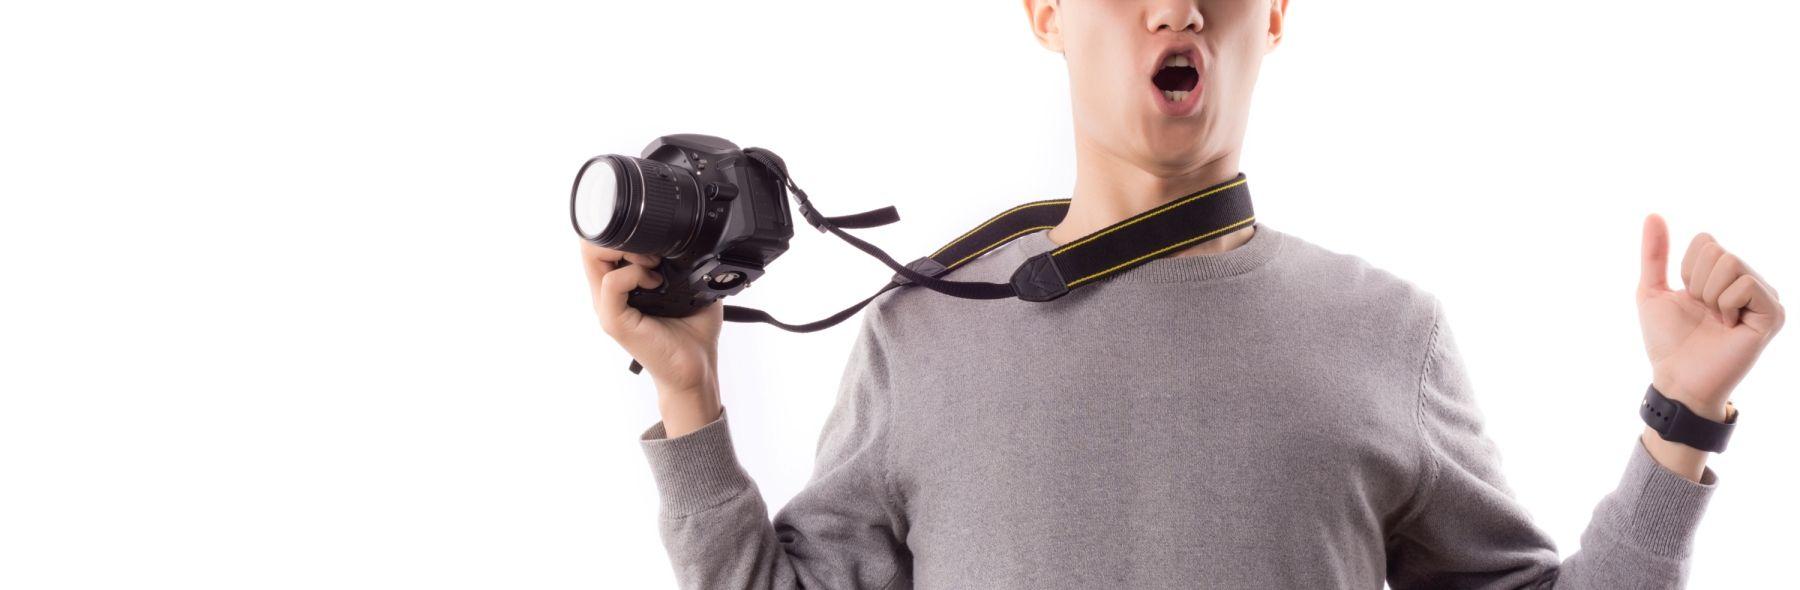 svadobny-kameraman-a-fotograf-v-jednom